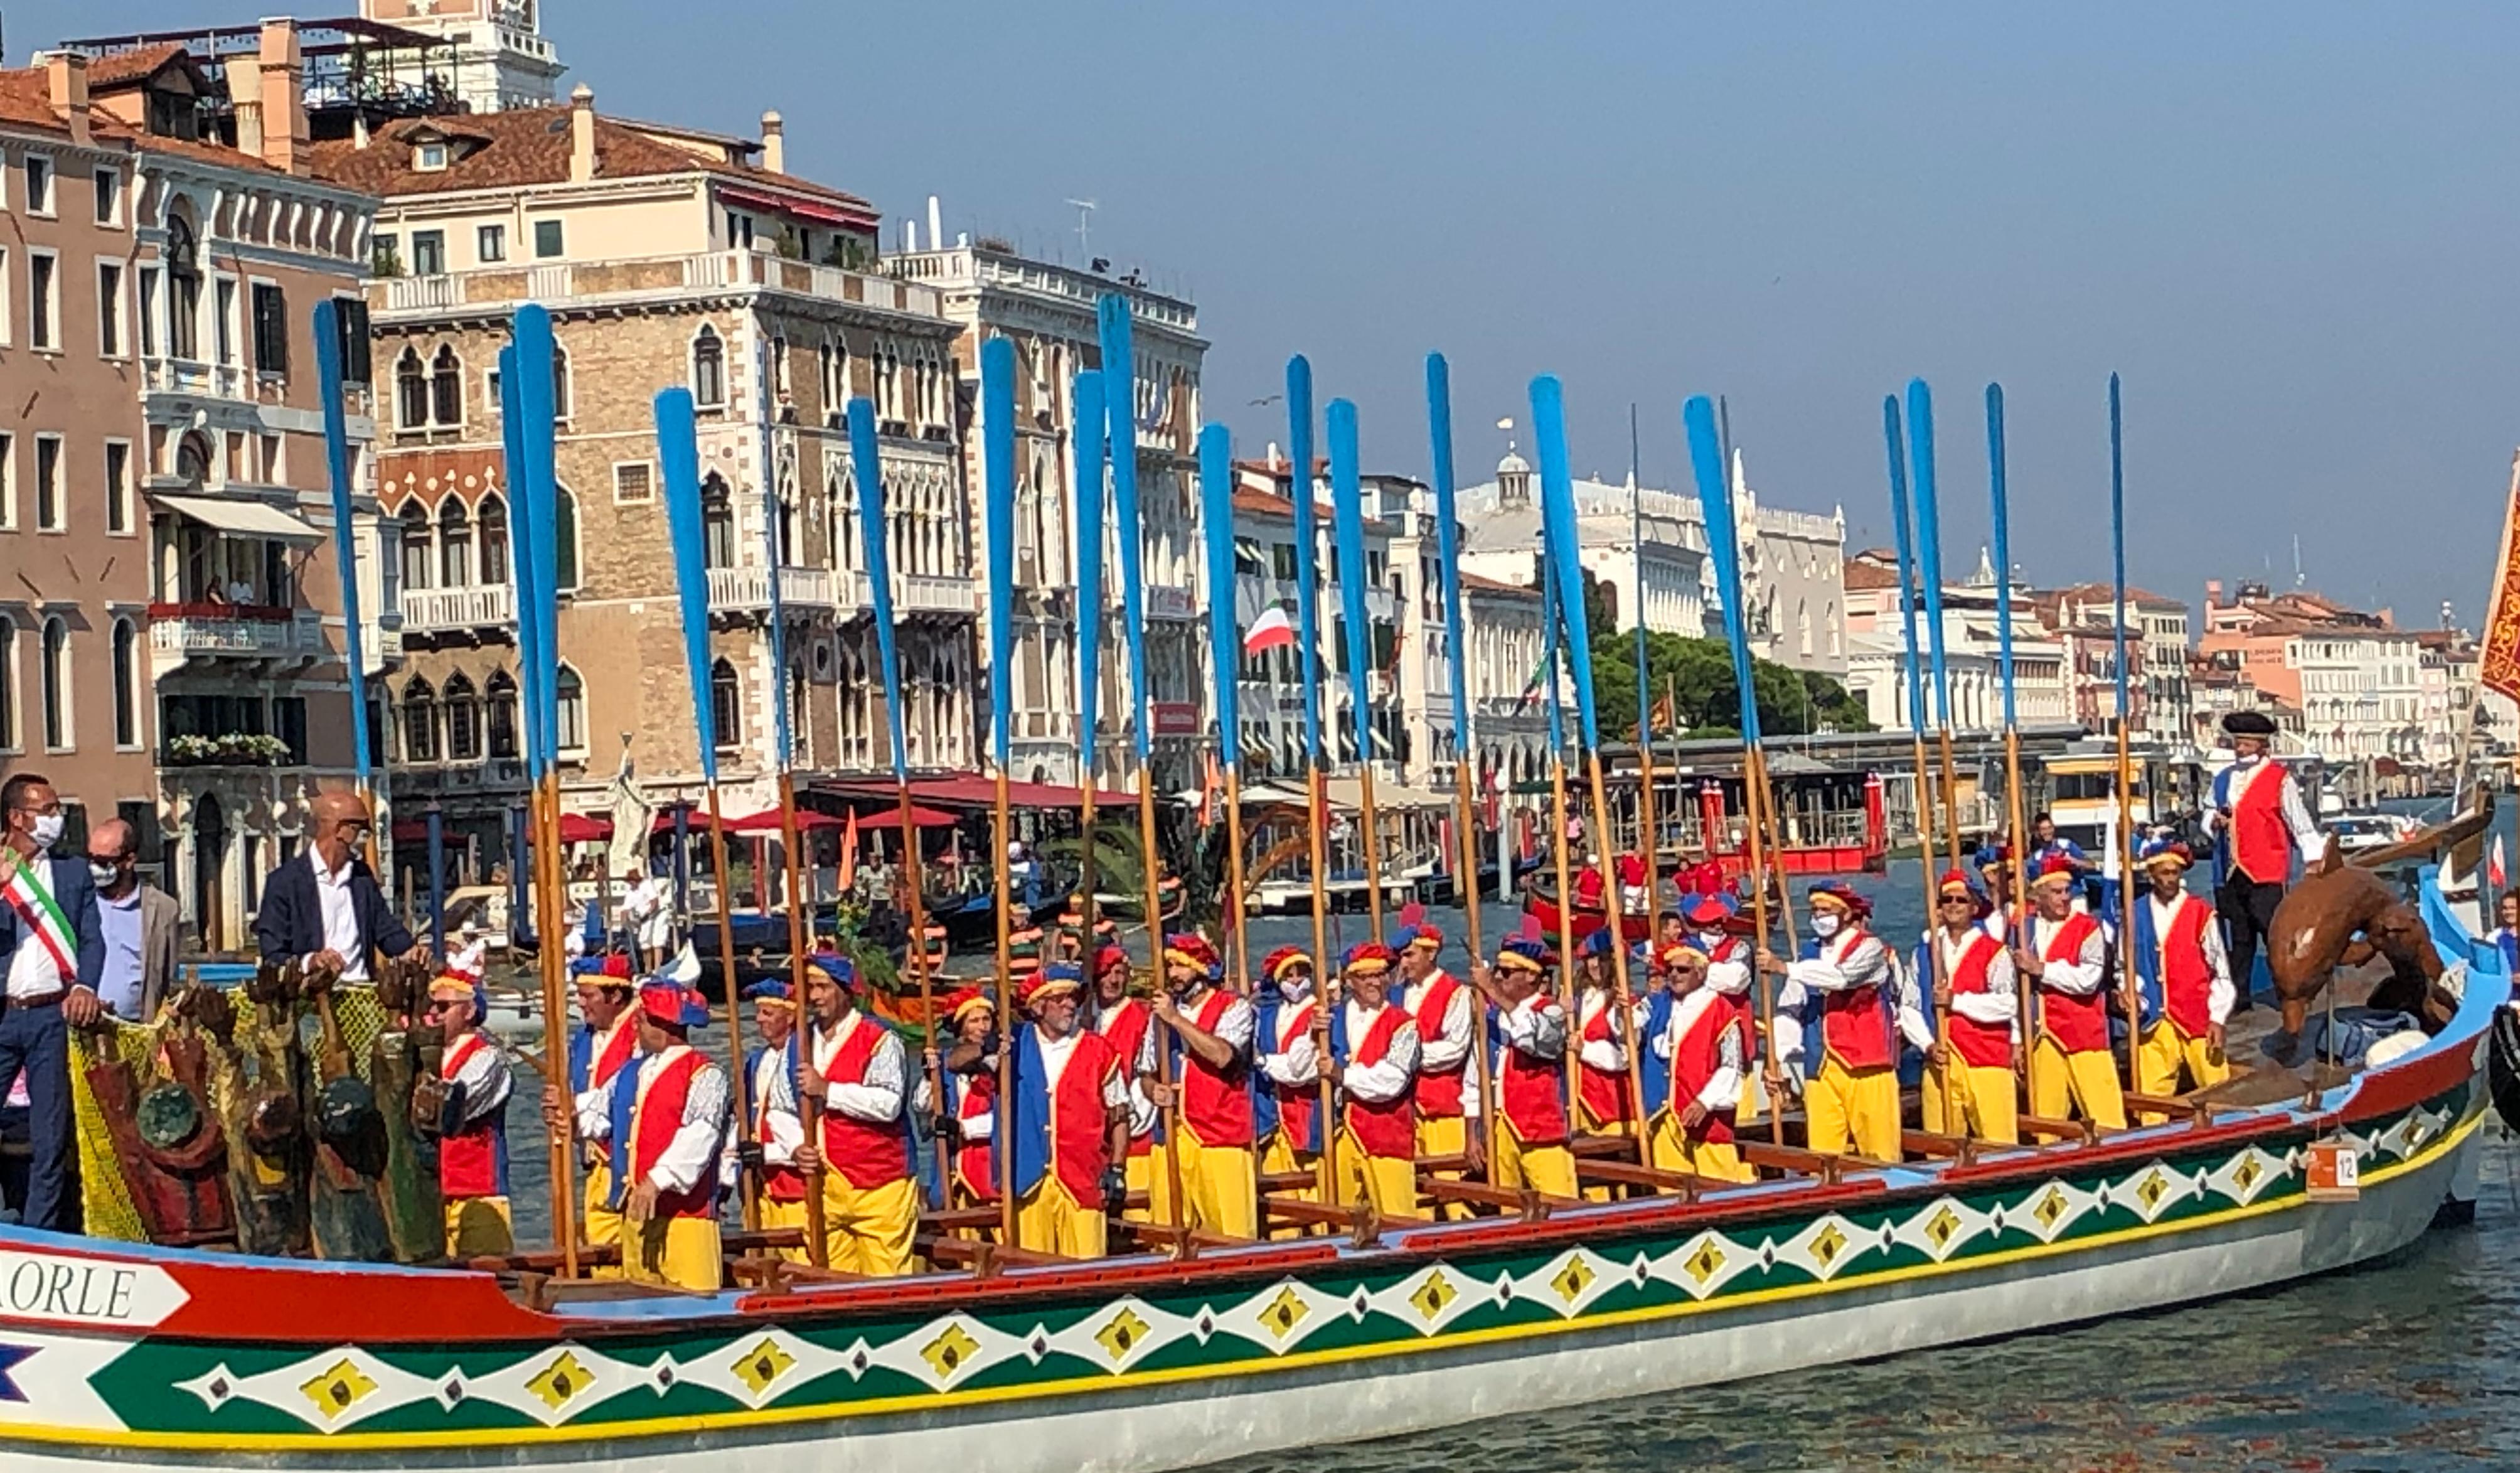 Citta di Caorle - a ceremonial boat, used in parades - Regata Storica 2020